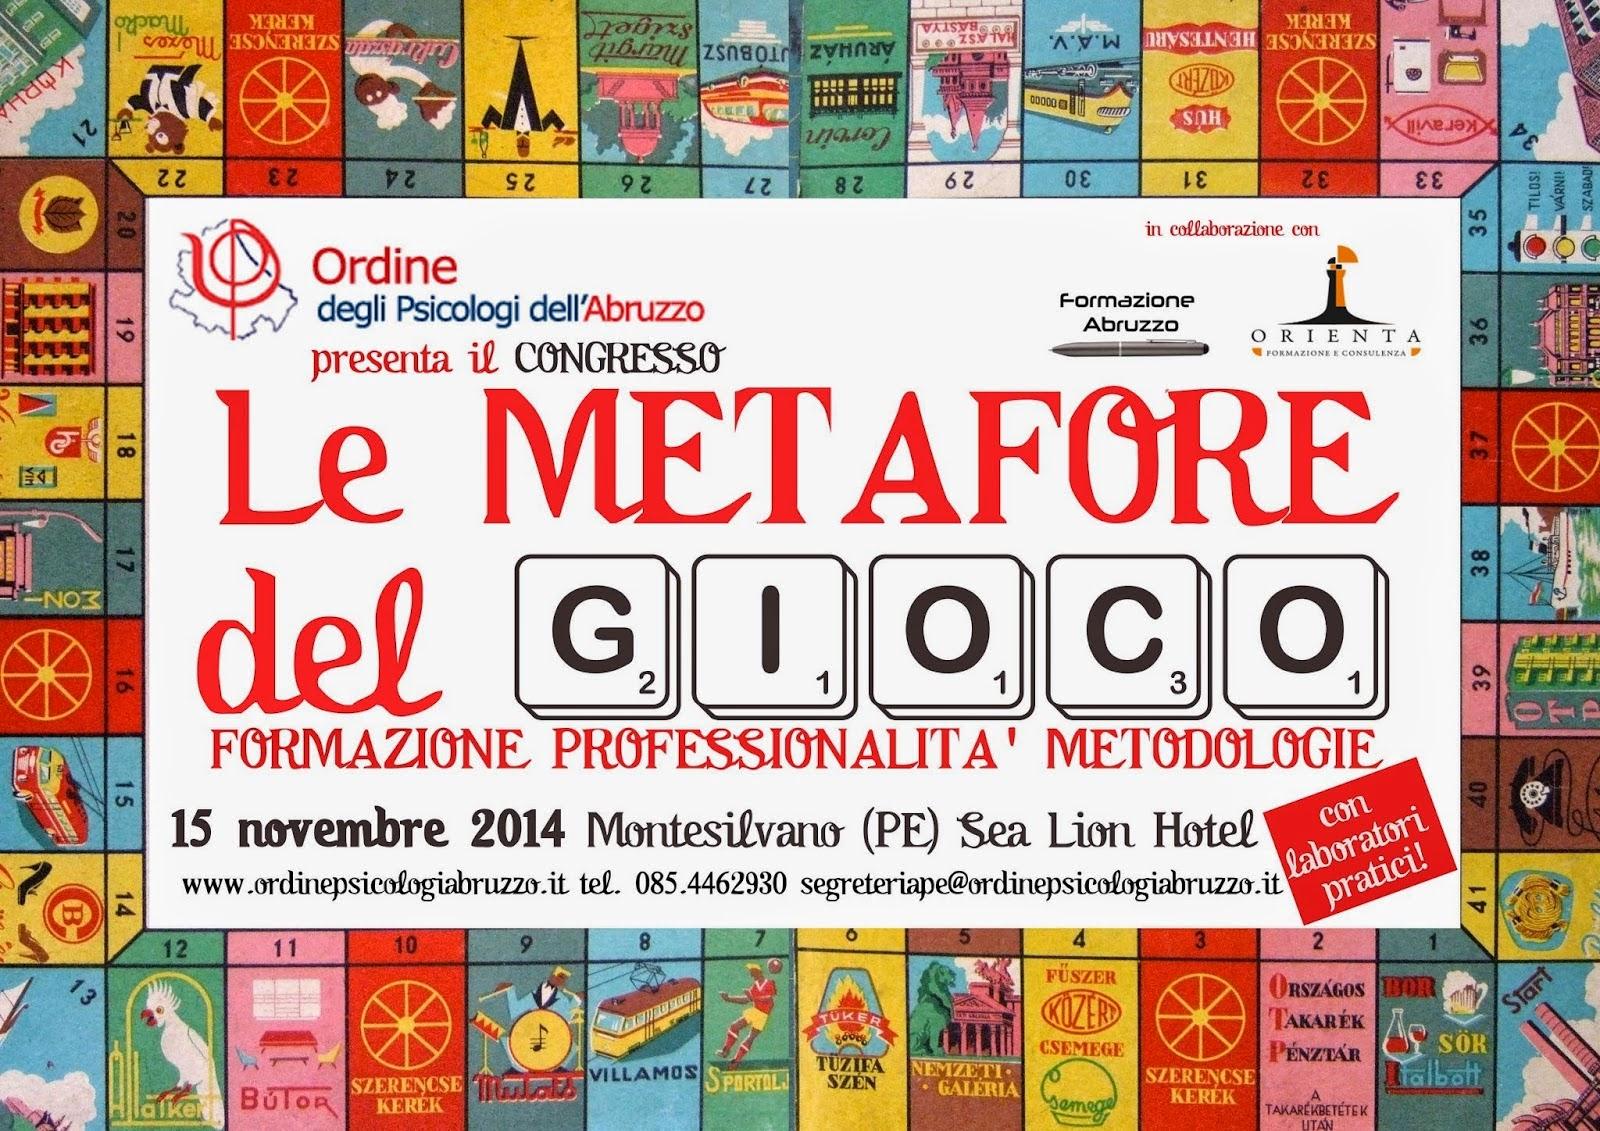 Formazione esperienziale: le metafore del gioco in congresso a Pescara